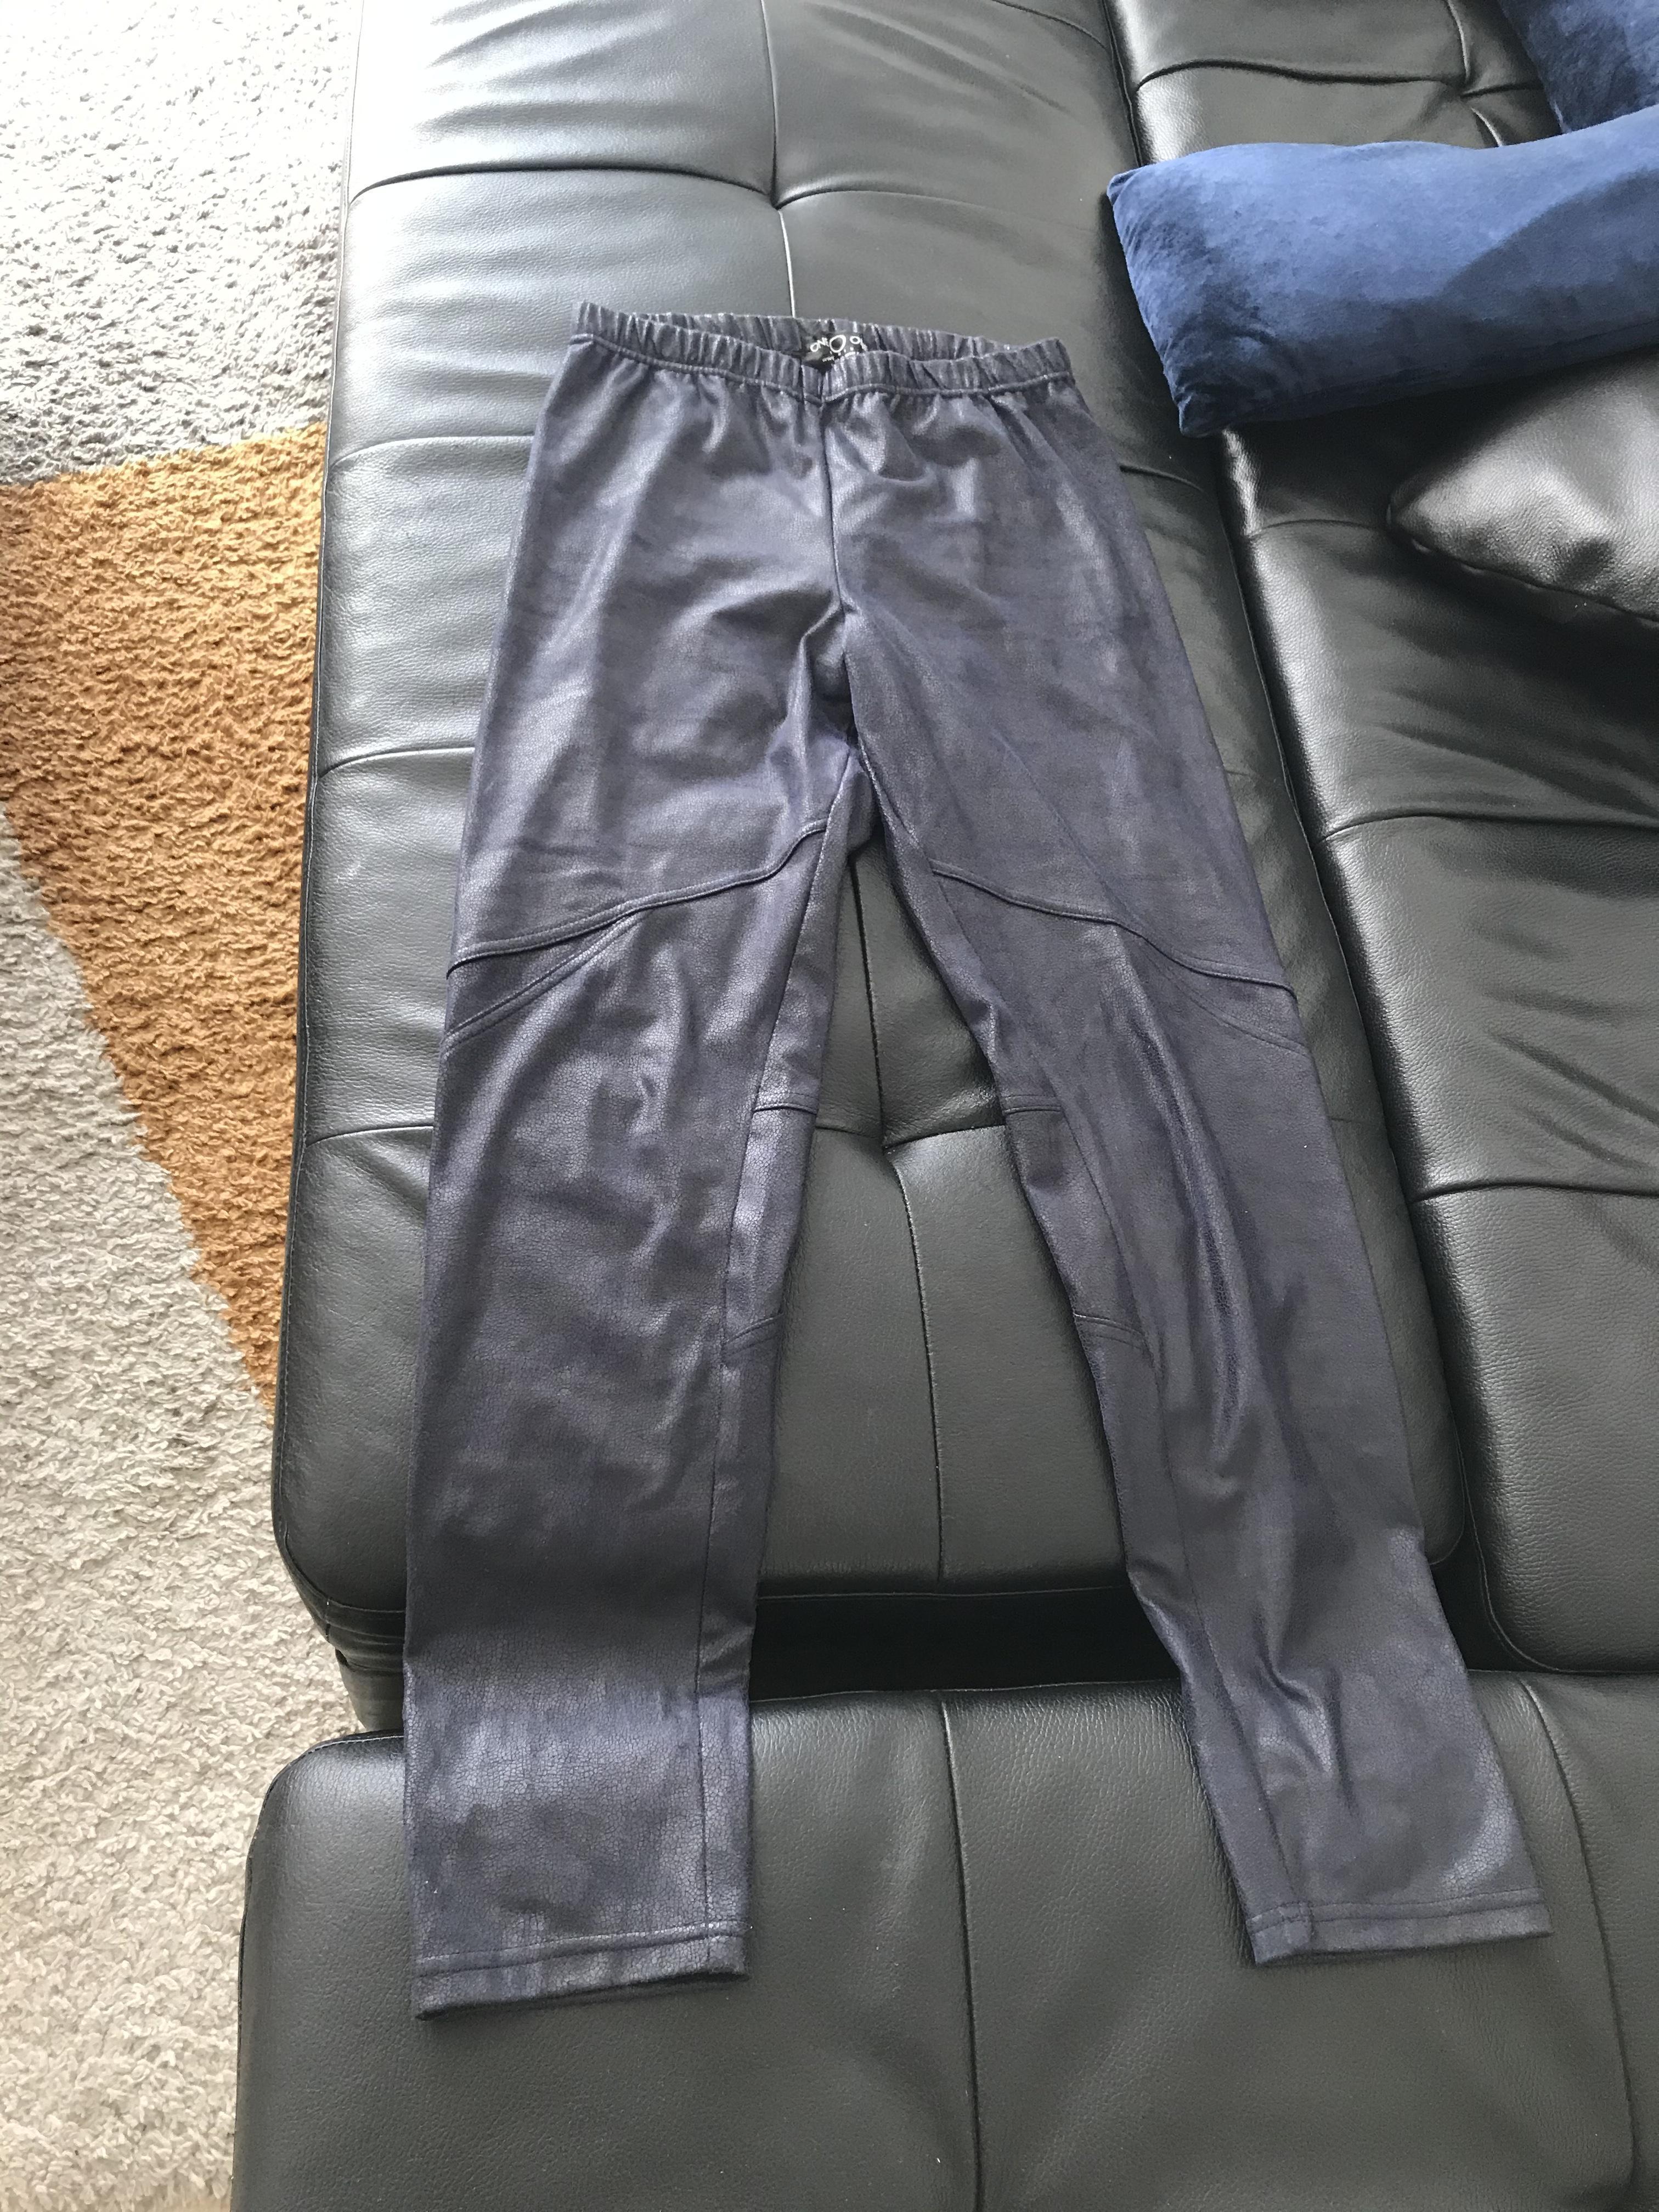 troc de troc pantalon toile enduite - taille 40 image 0